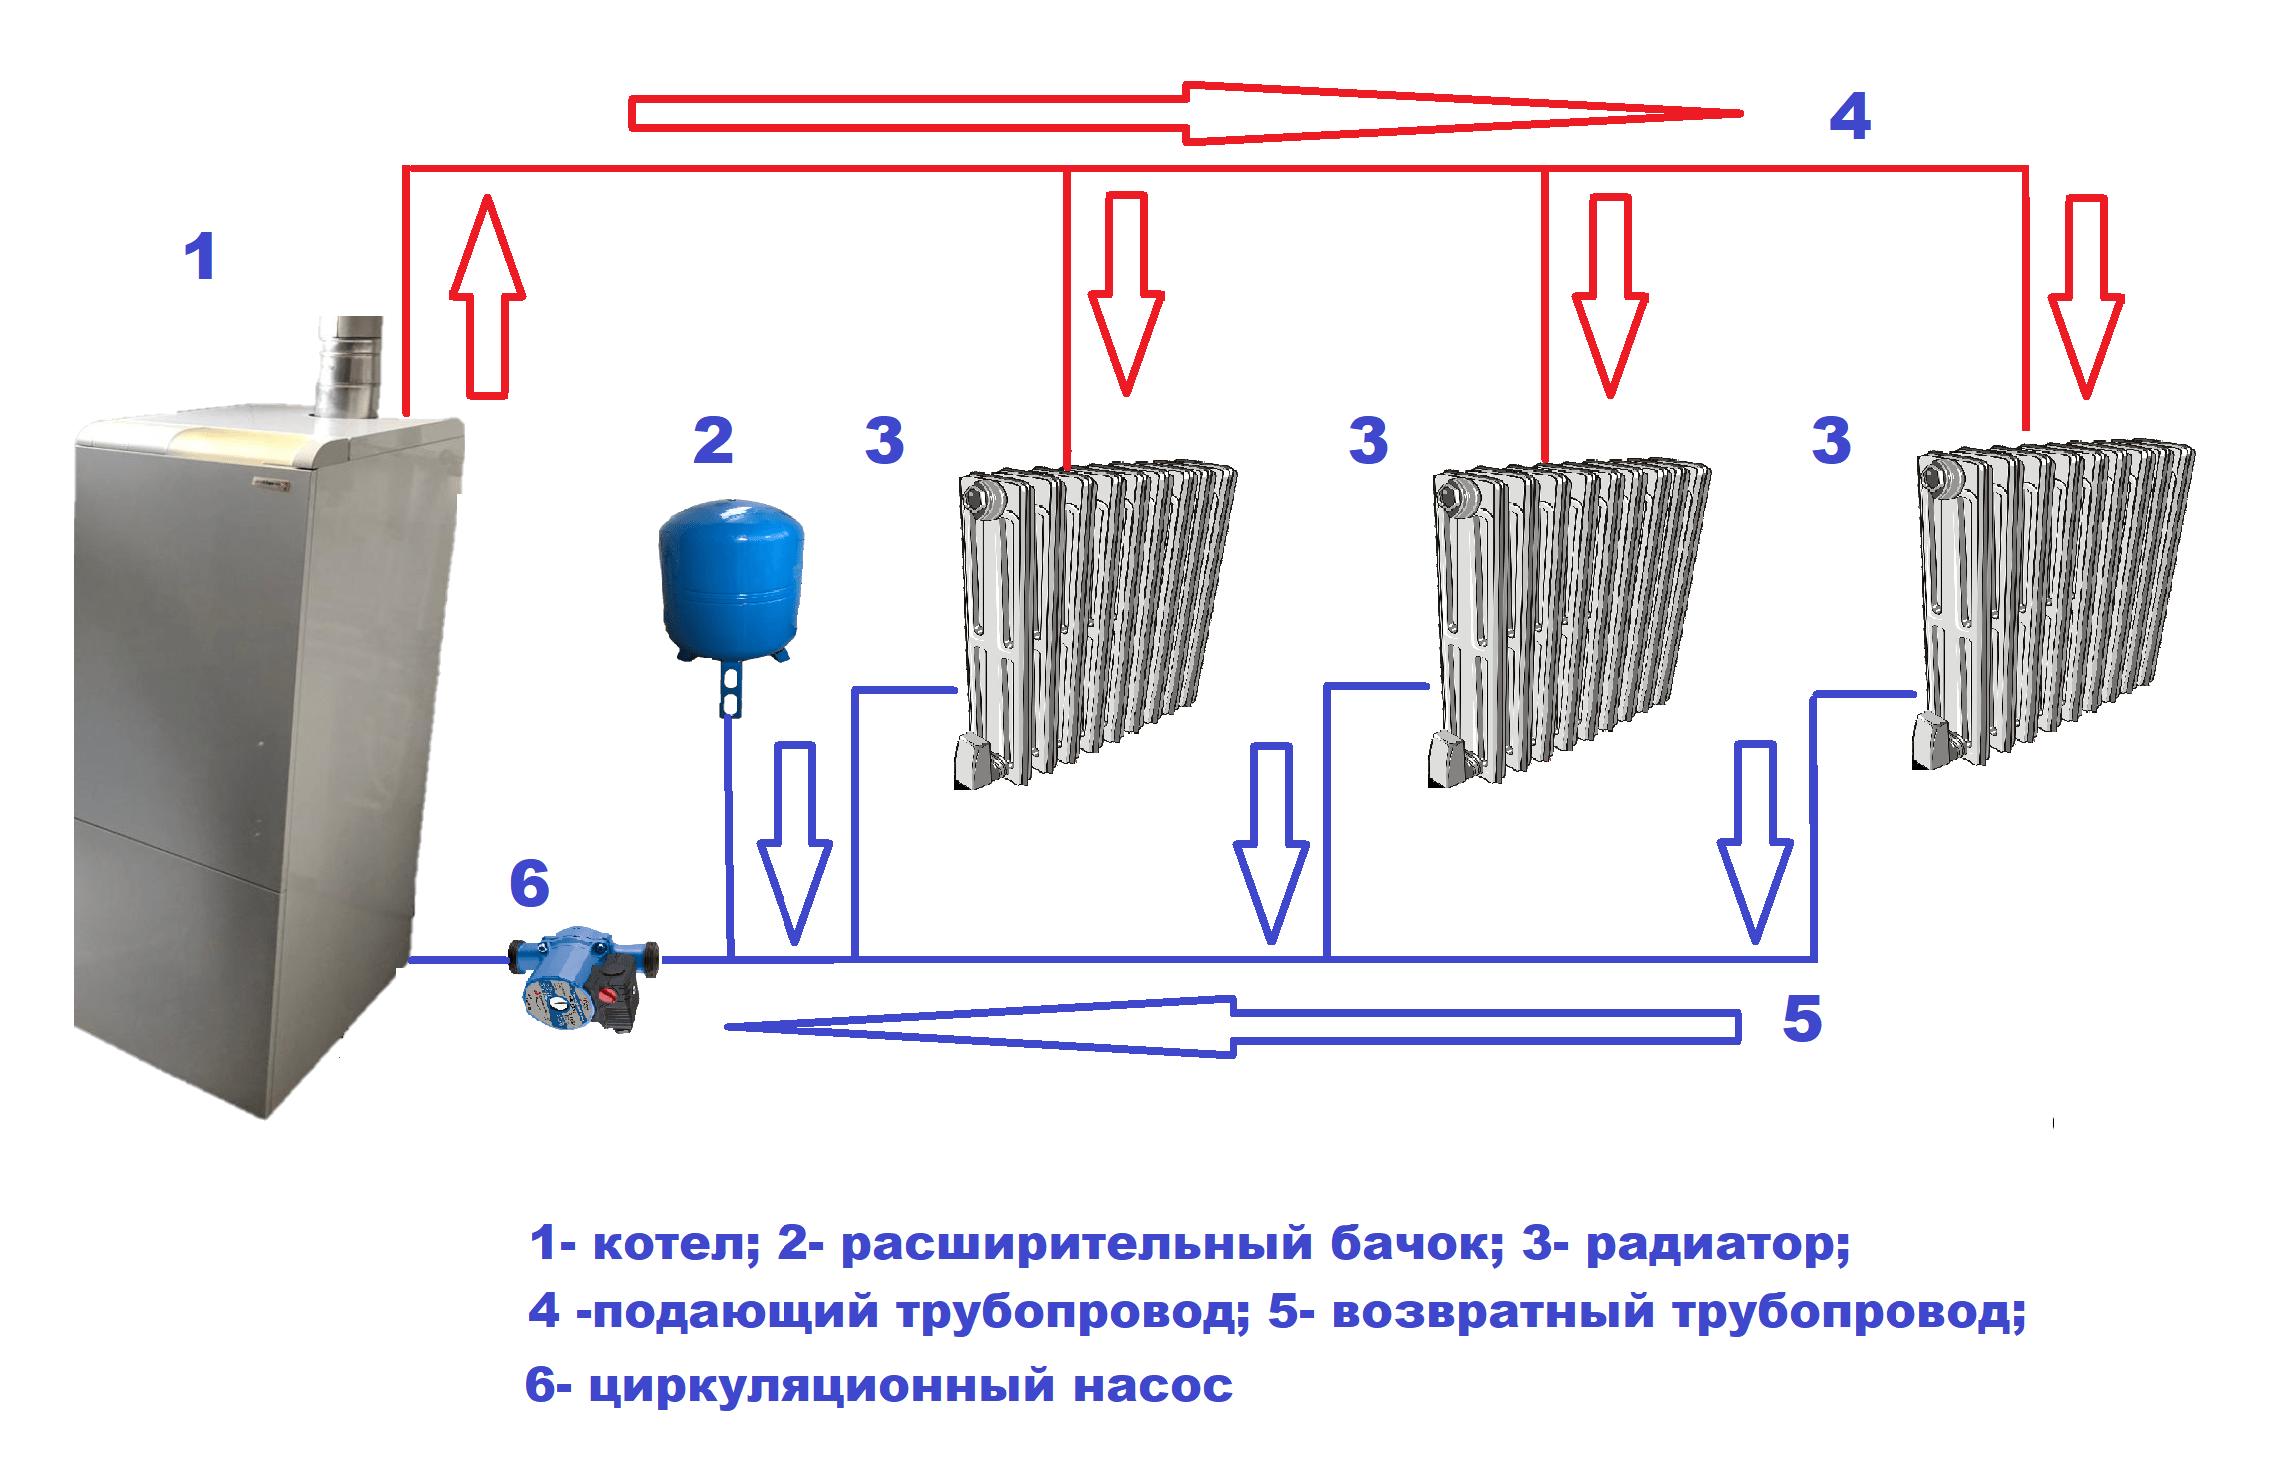 Закрытая система отопления: схема с принудительной циркуляцией